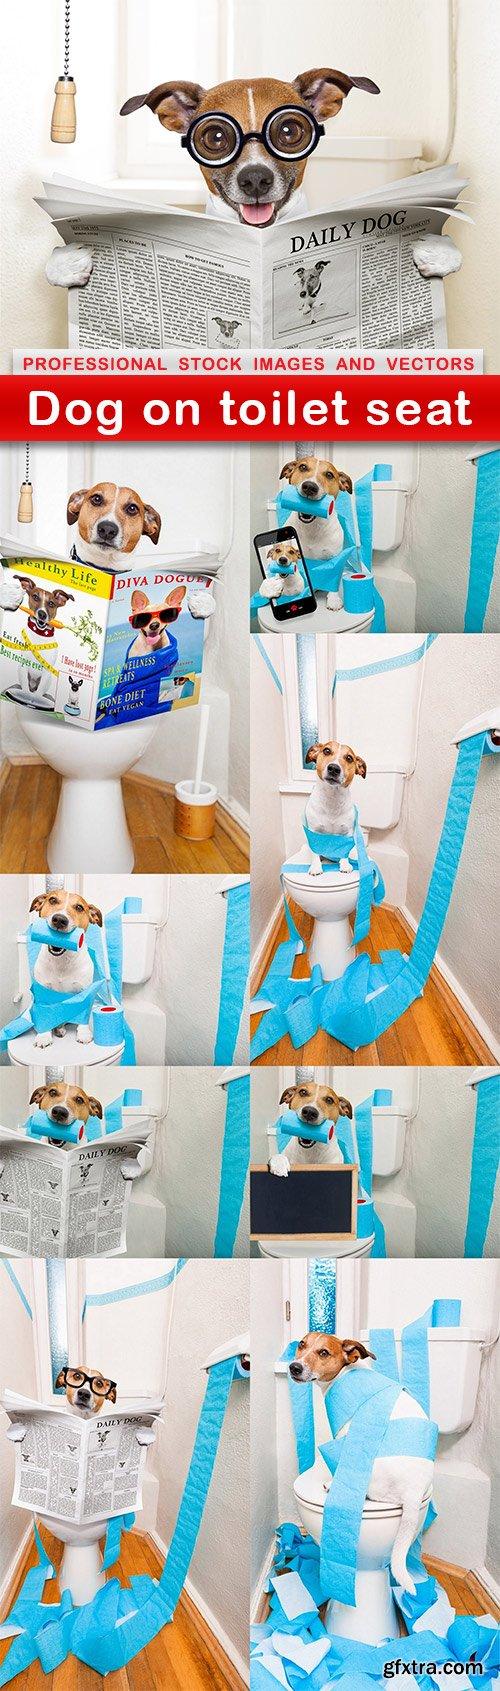 Dog on toilet seat - 9 UHQ JPEG